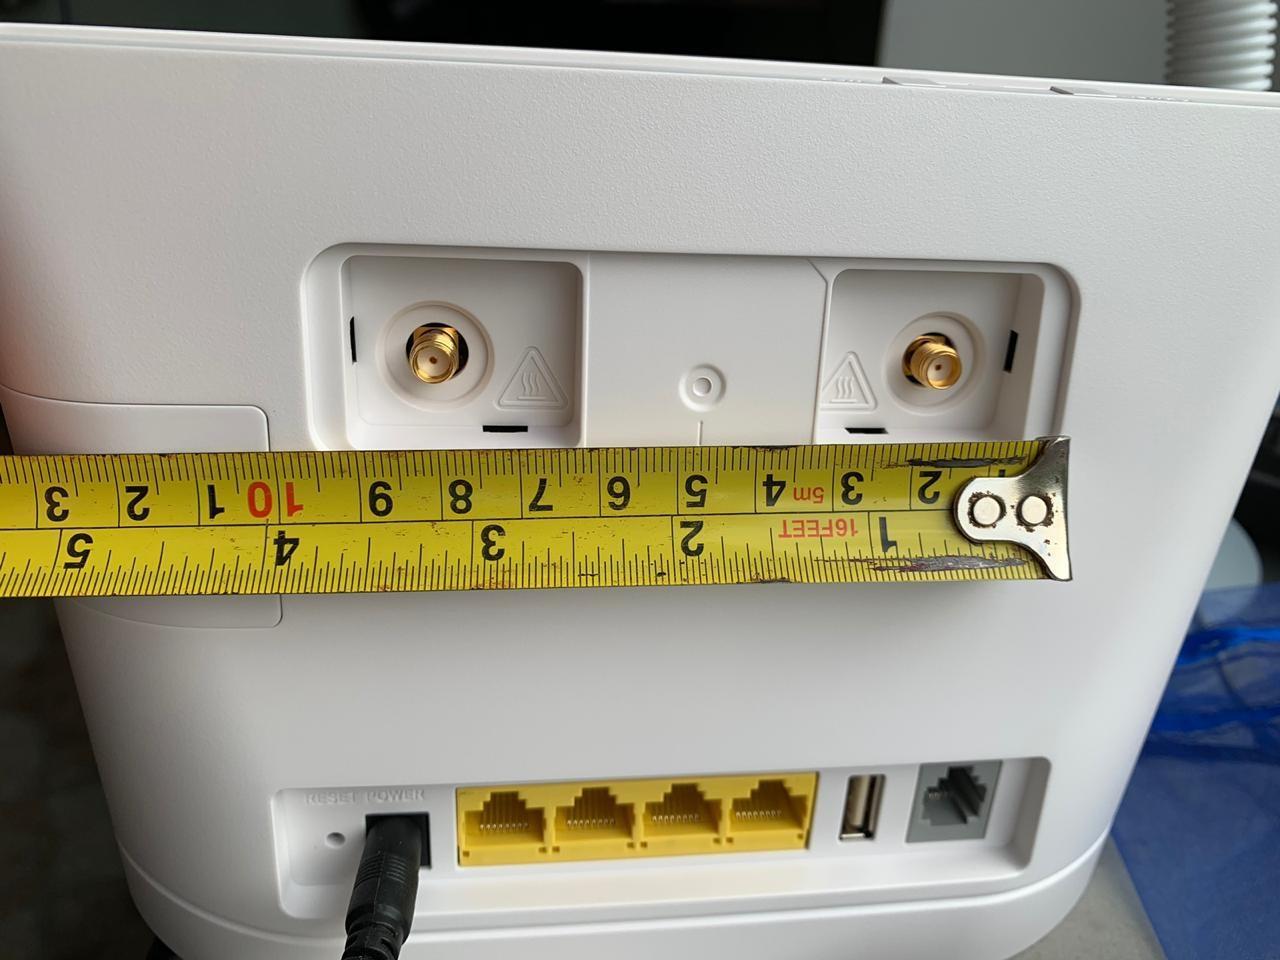 Модем Интернет центр Yota B-315-26260-MIMO-3g-4g-antenna-ru-sotovaya-3